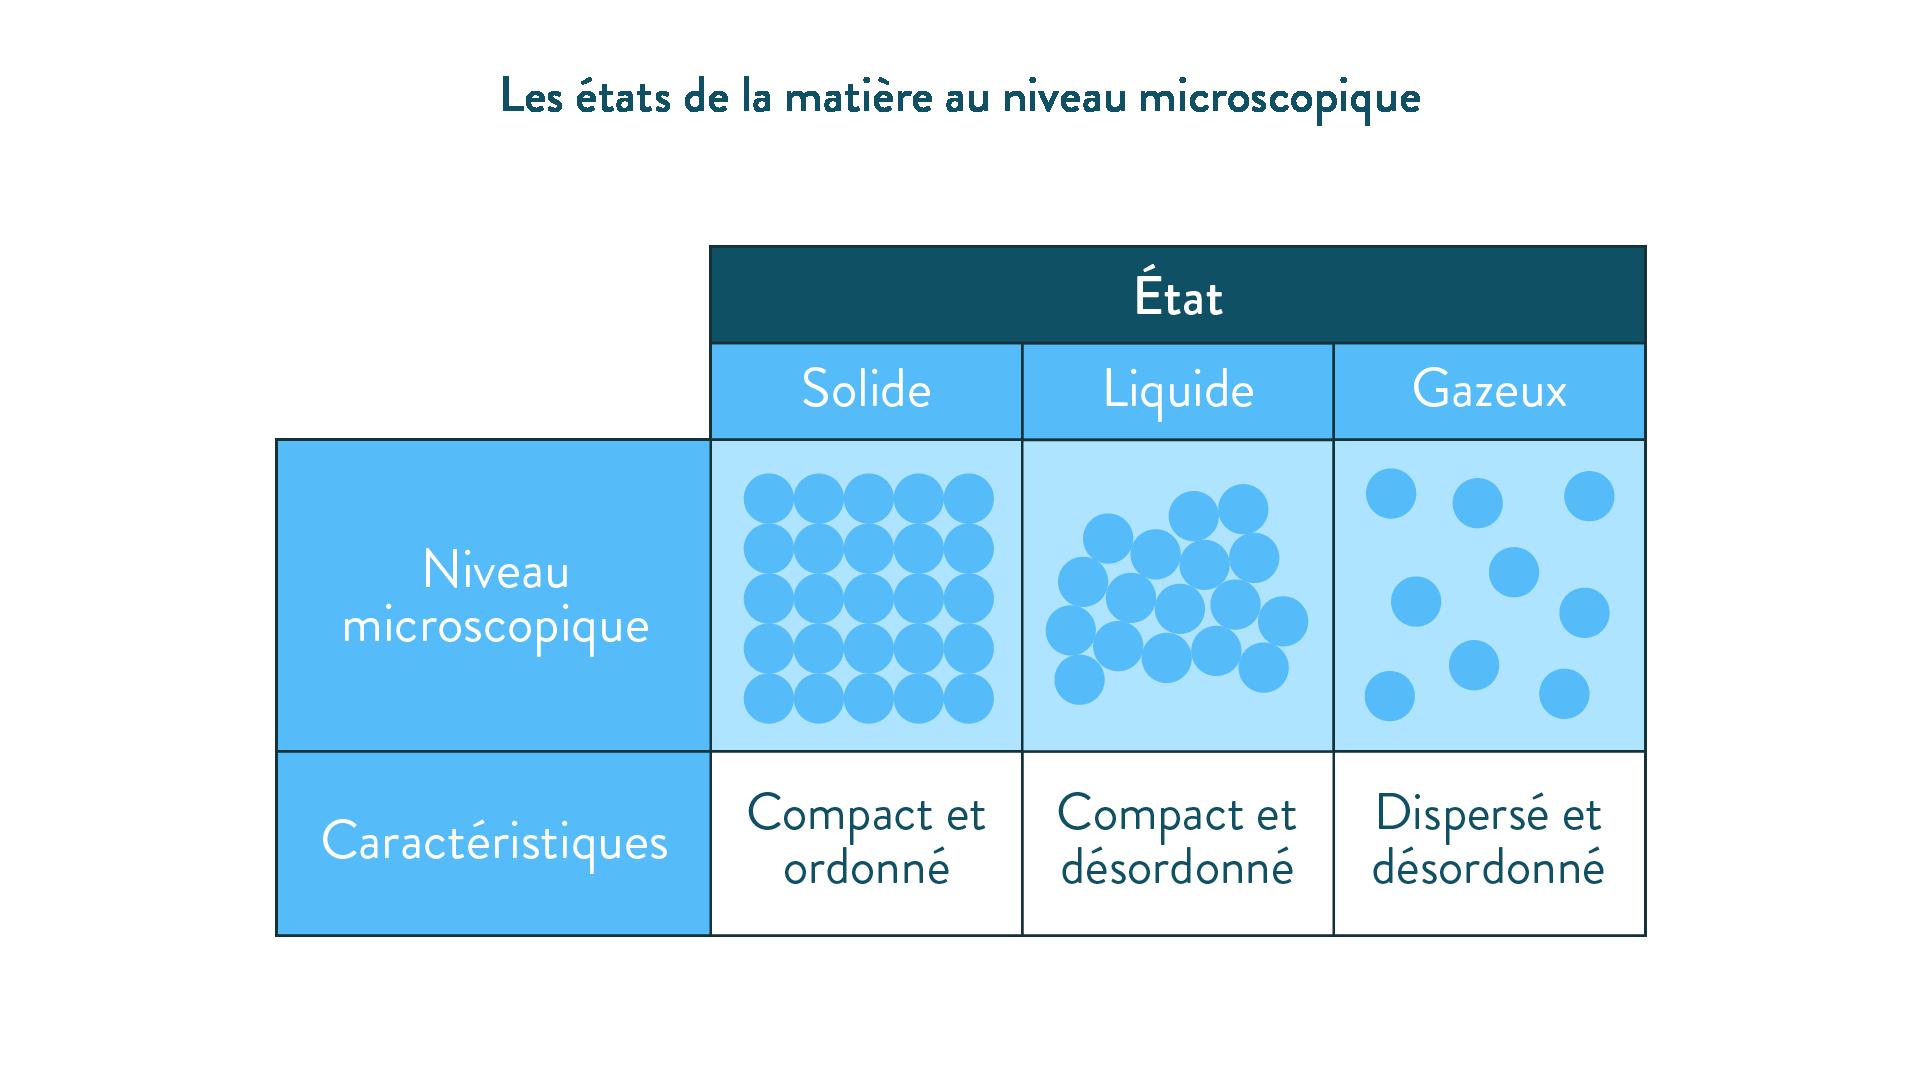 Les états de la matière au niveau microscopique